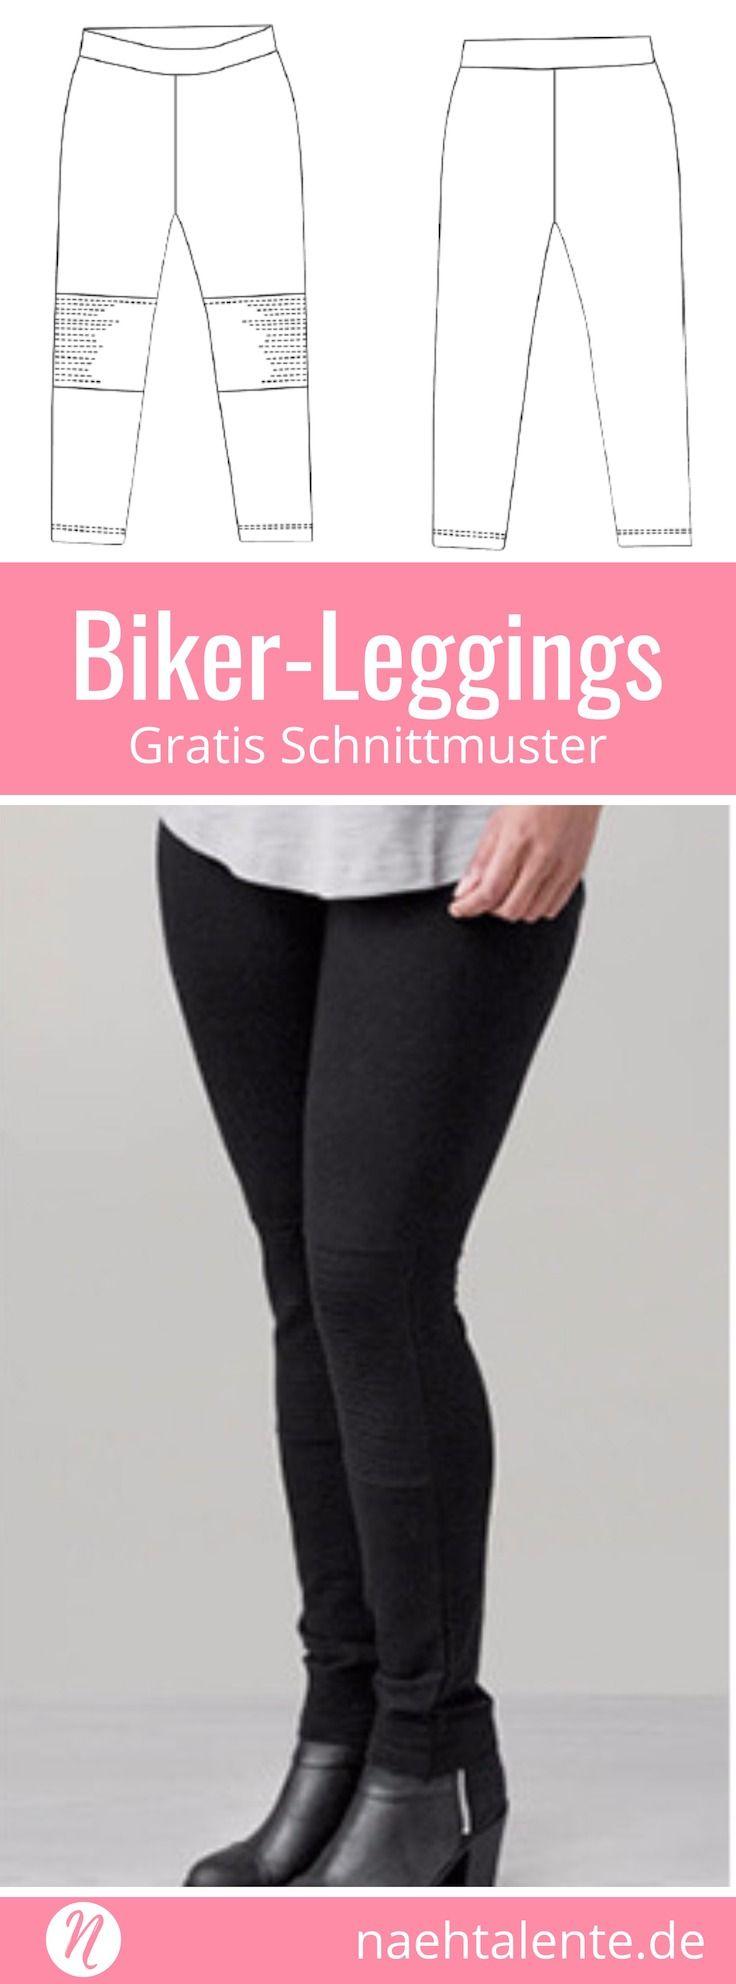 Damen-Leggings im Biker-Stil selber nähen ❤ kostenloses Schnittmuster ❤ Gr....